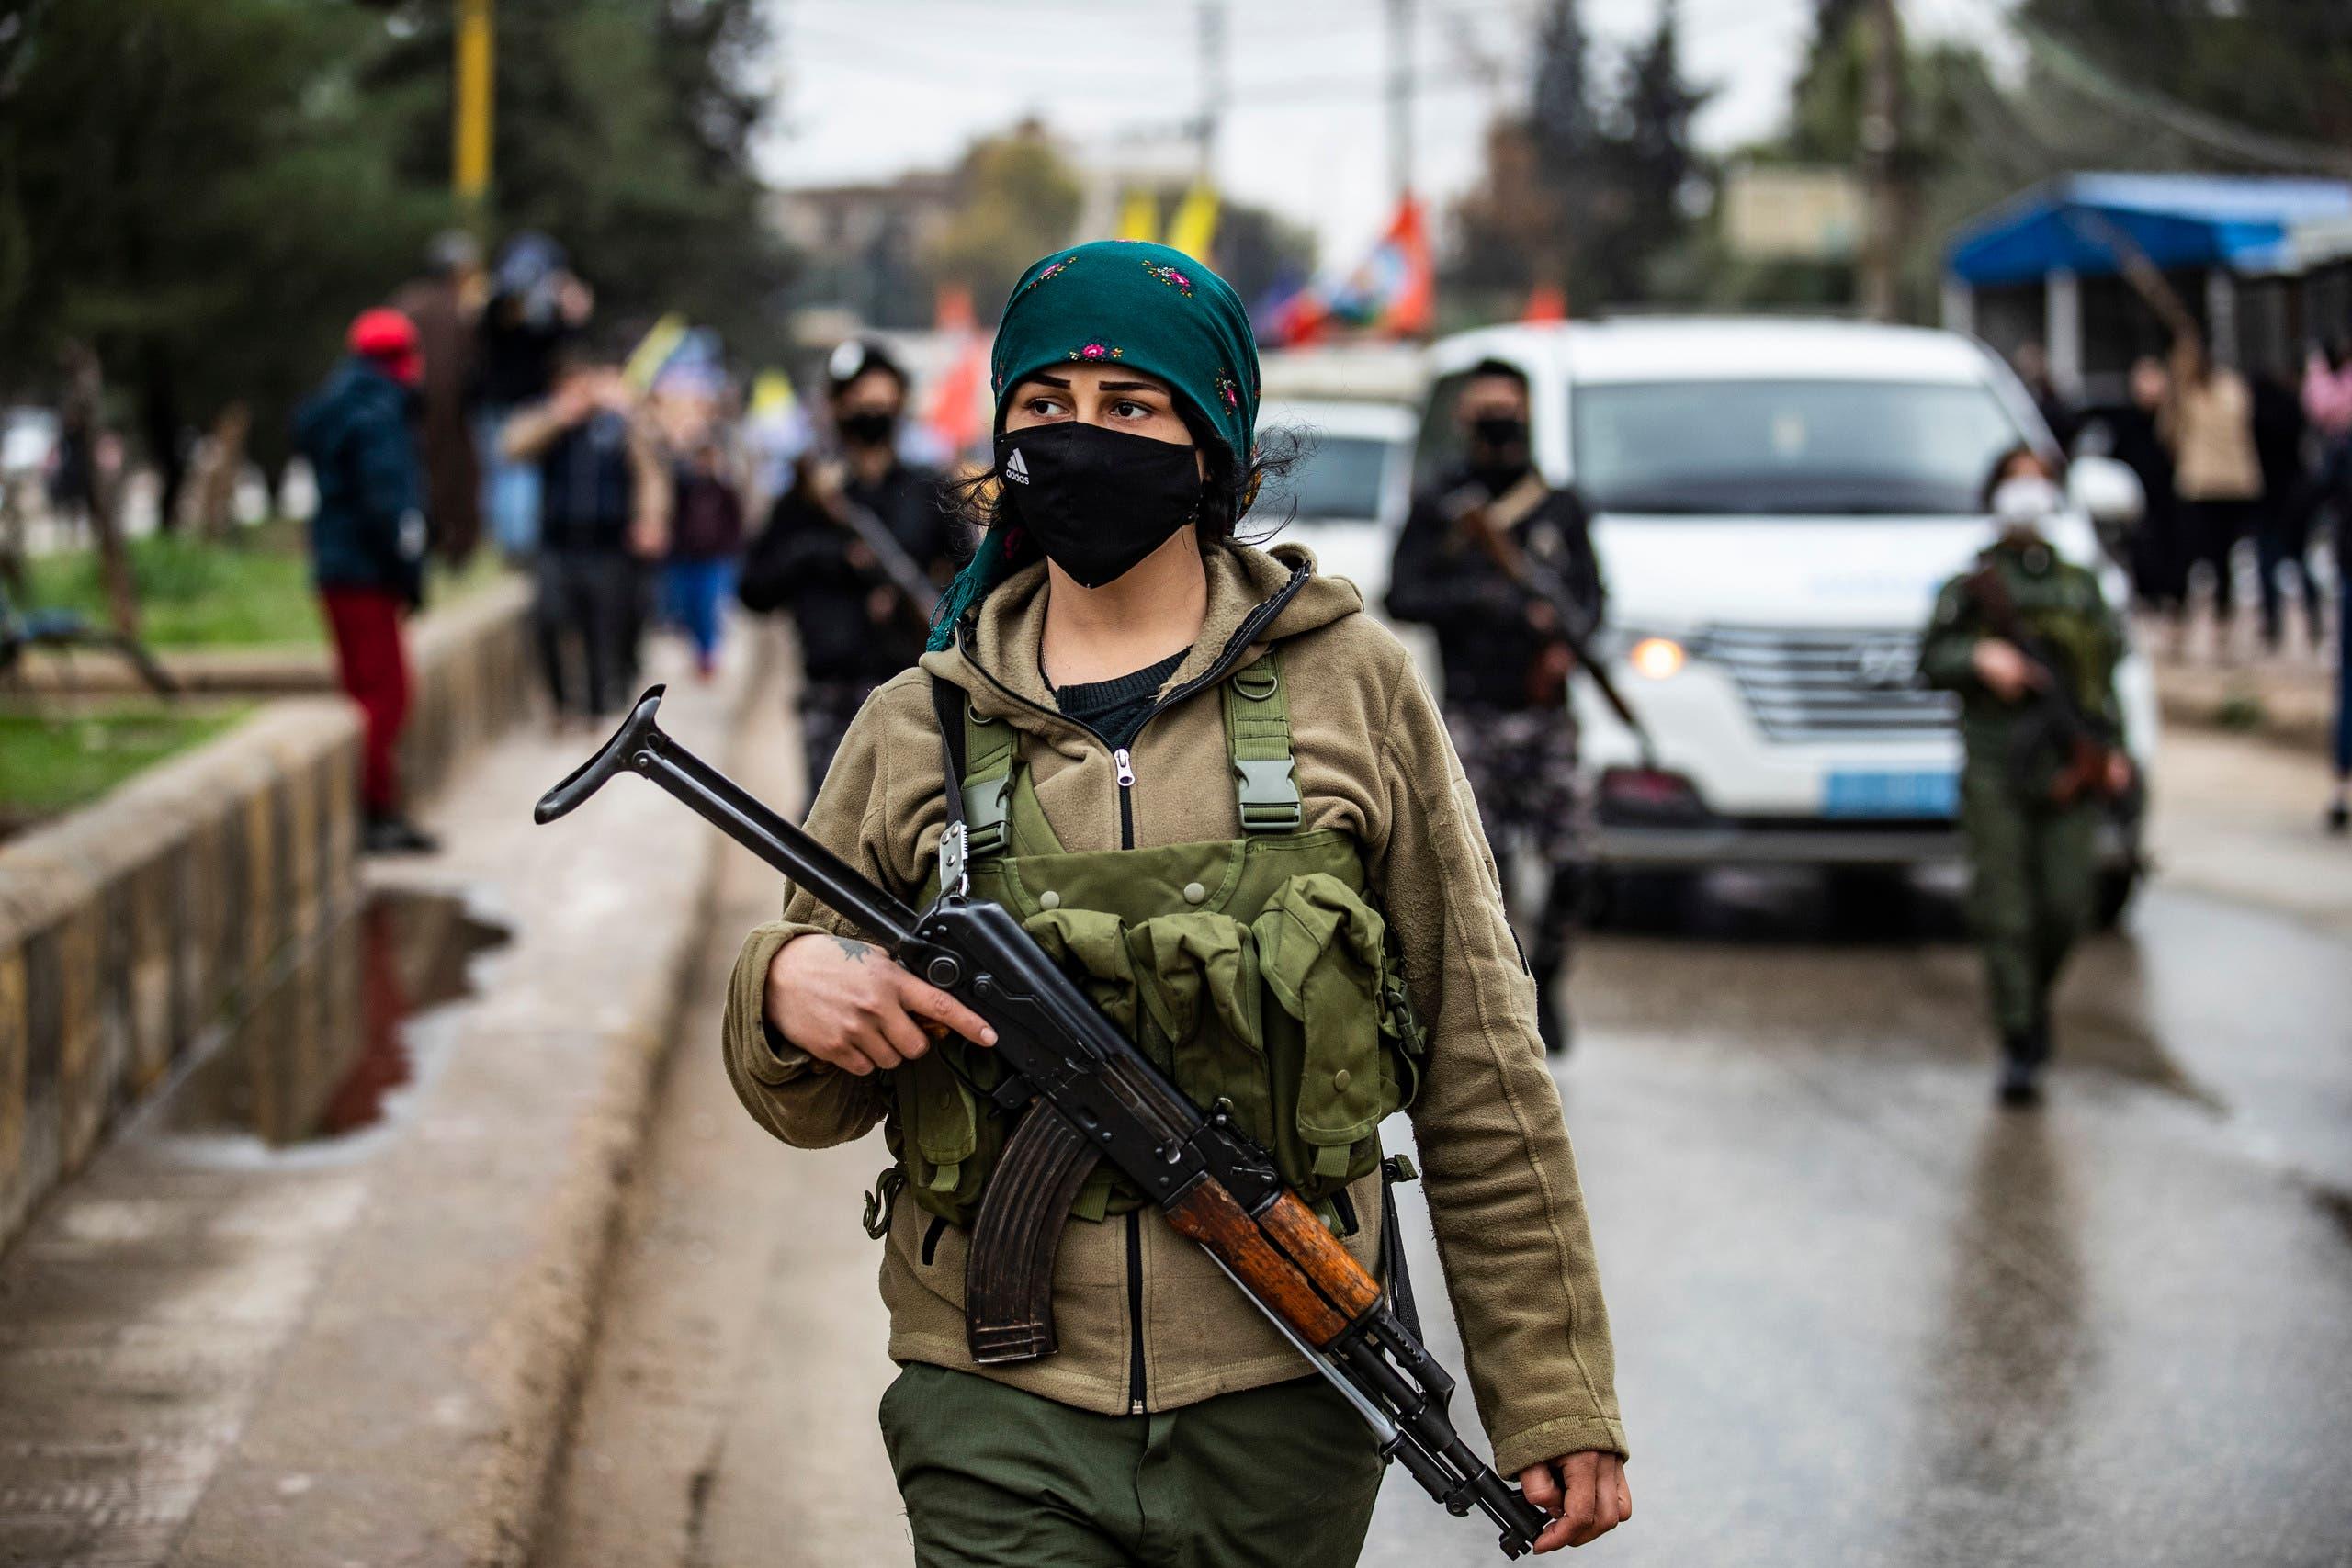 عنصر من قوى الأمن الداخلي الأسايش يوم 20 يناير 2021 في القامشلي